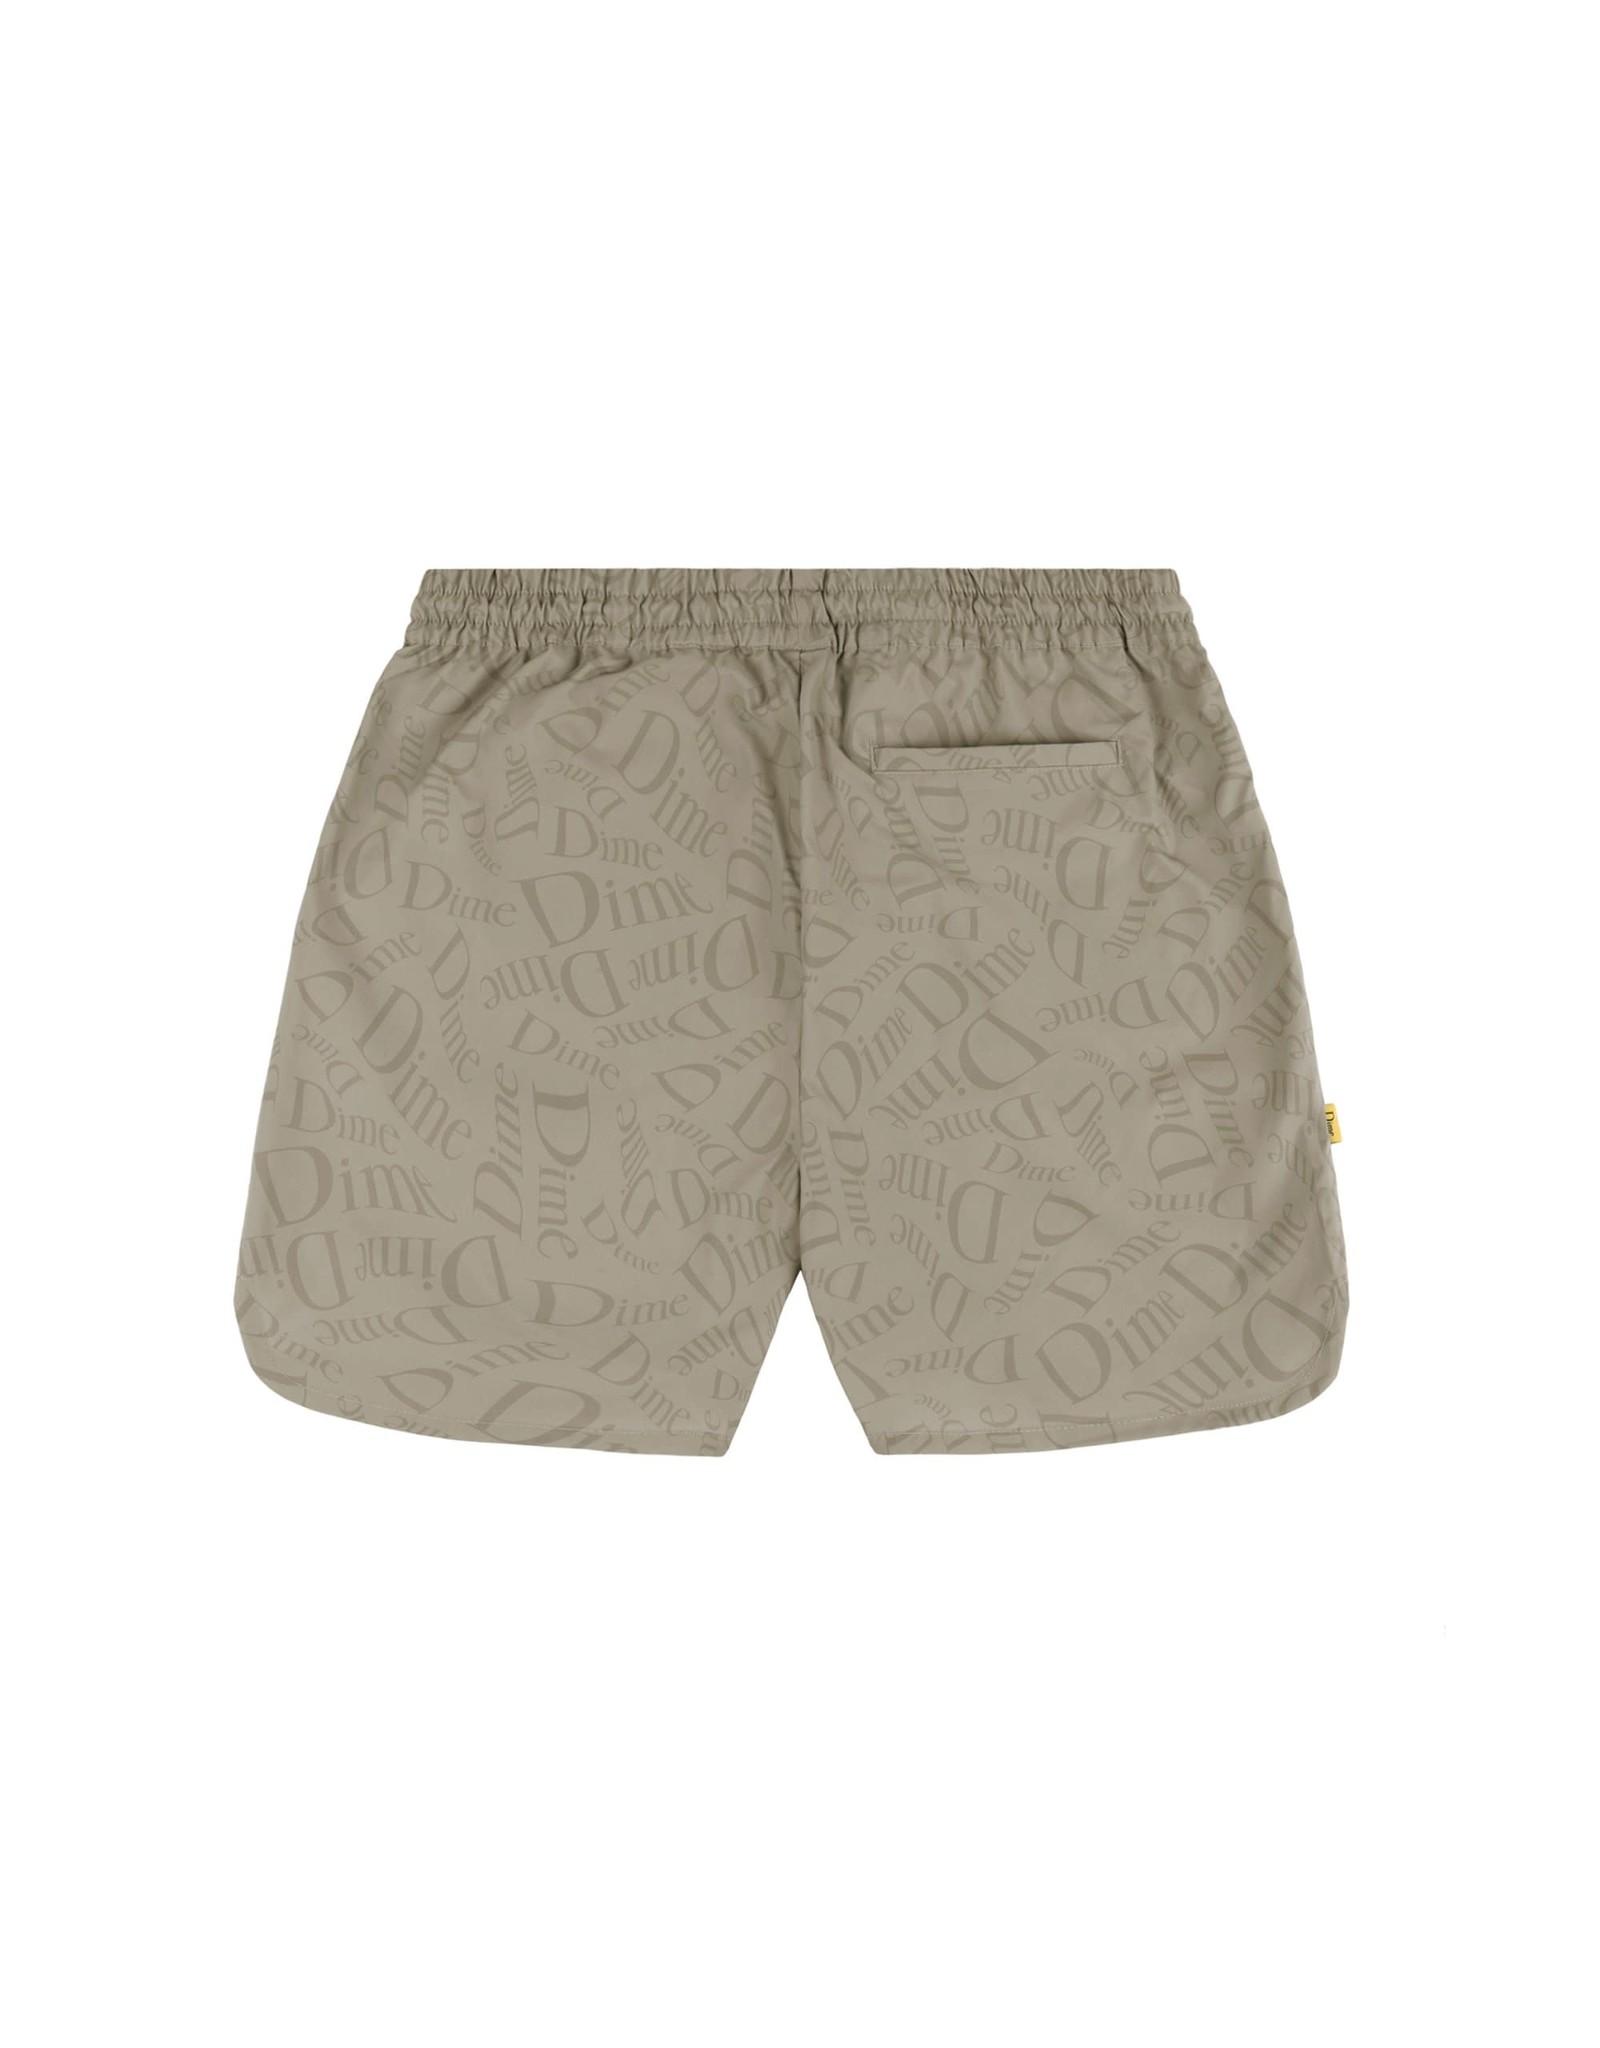 Dime Allover Shorts - Tan